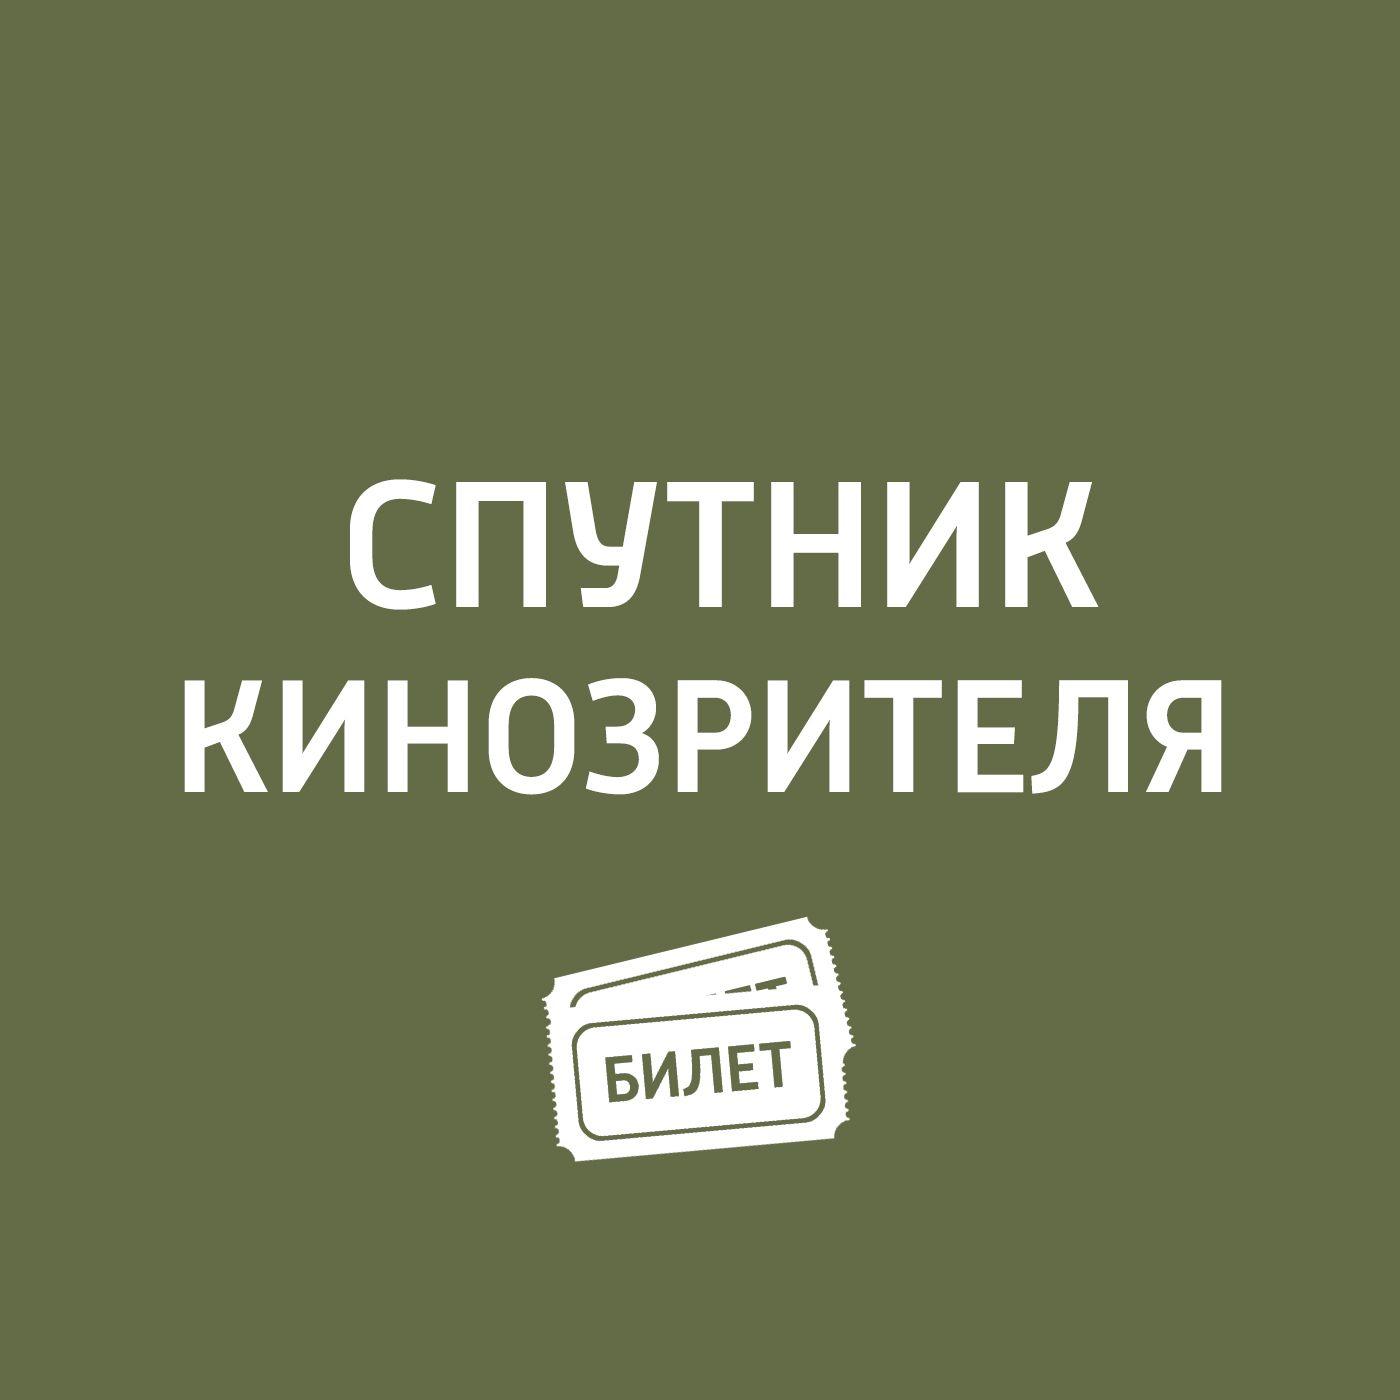 Антон Долин Антон Долин об итогах Оскара-2019 антон долин итоги премии оскар 2018